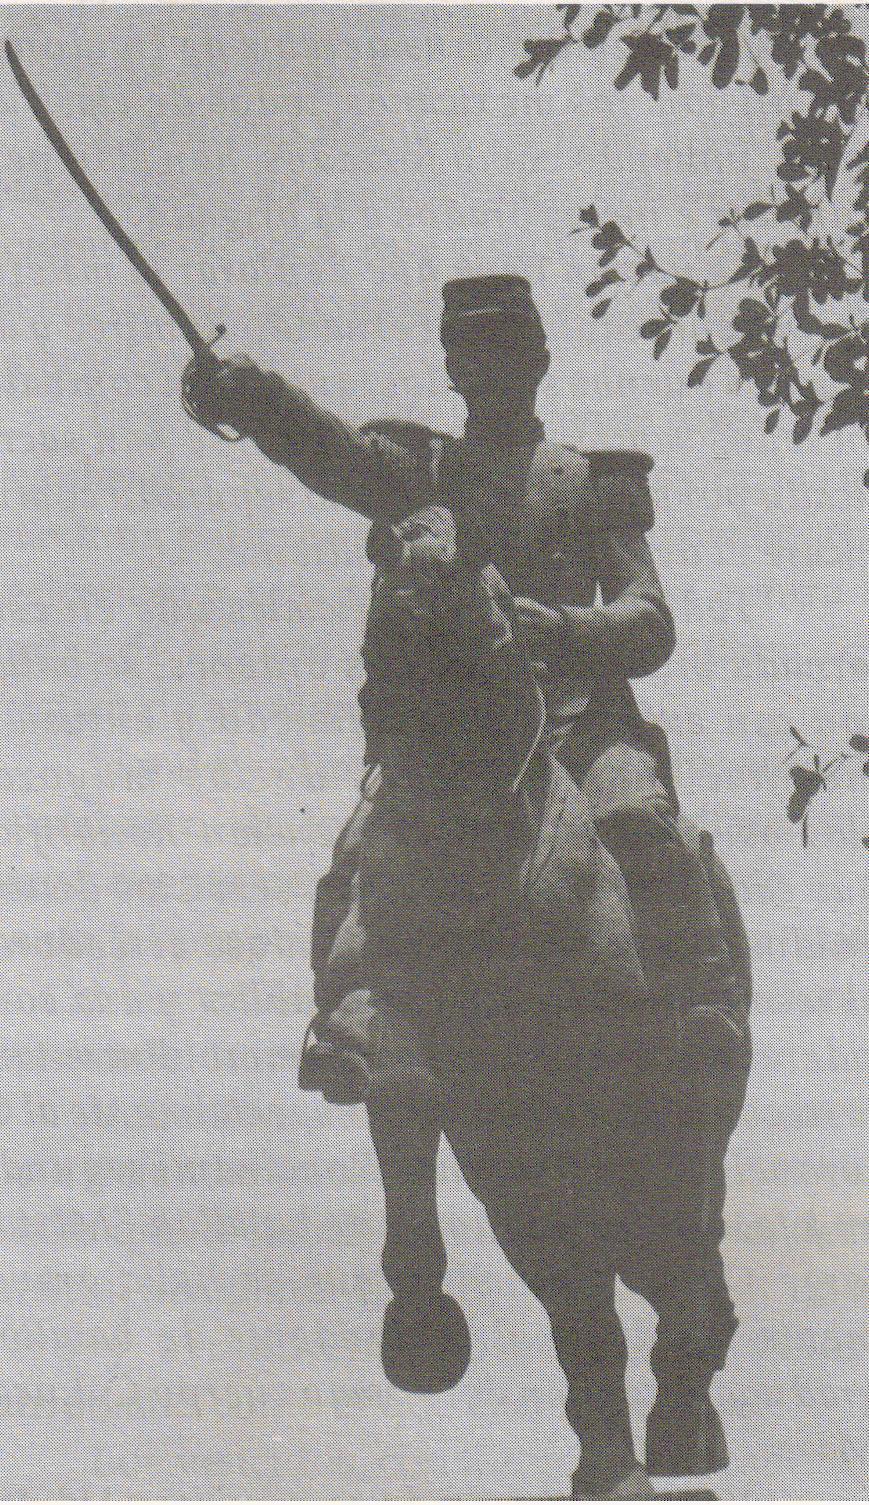 1864, Se escenificó la entrada triunfal a la capital del estado del coronel Antonio Rosales y su ejército